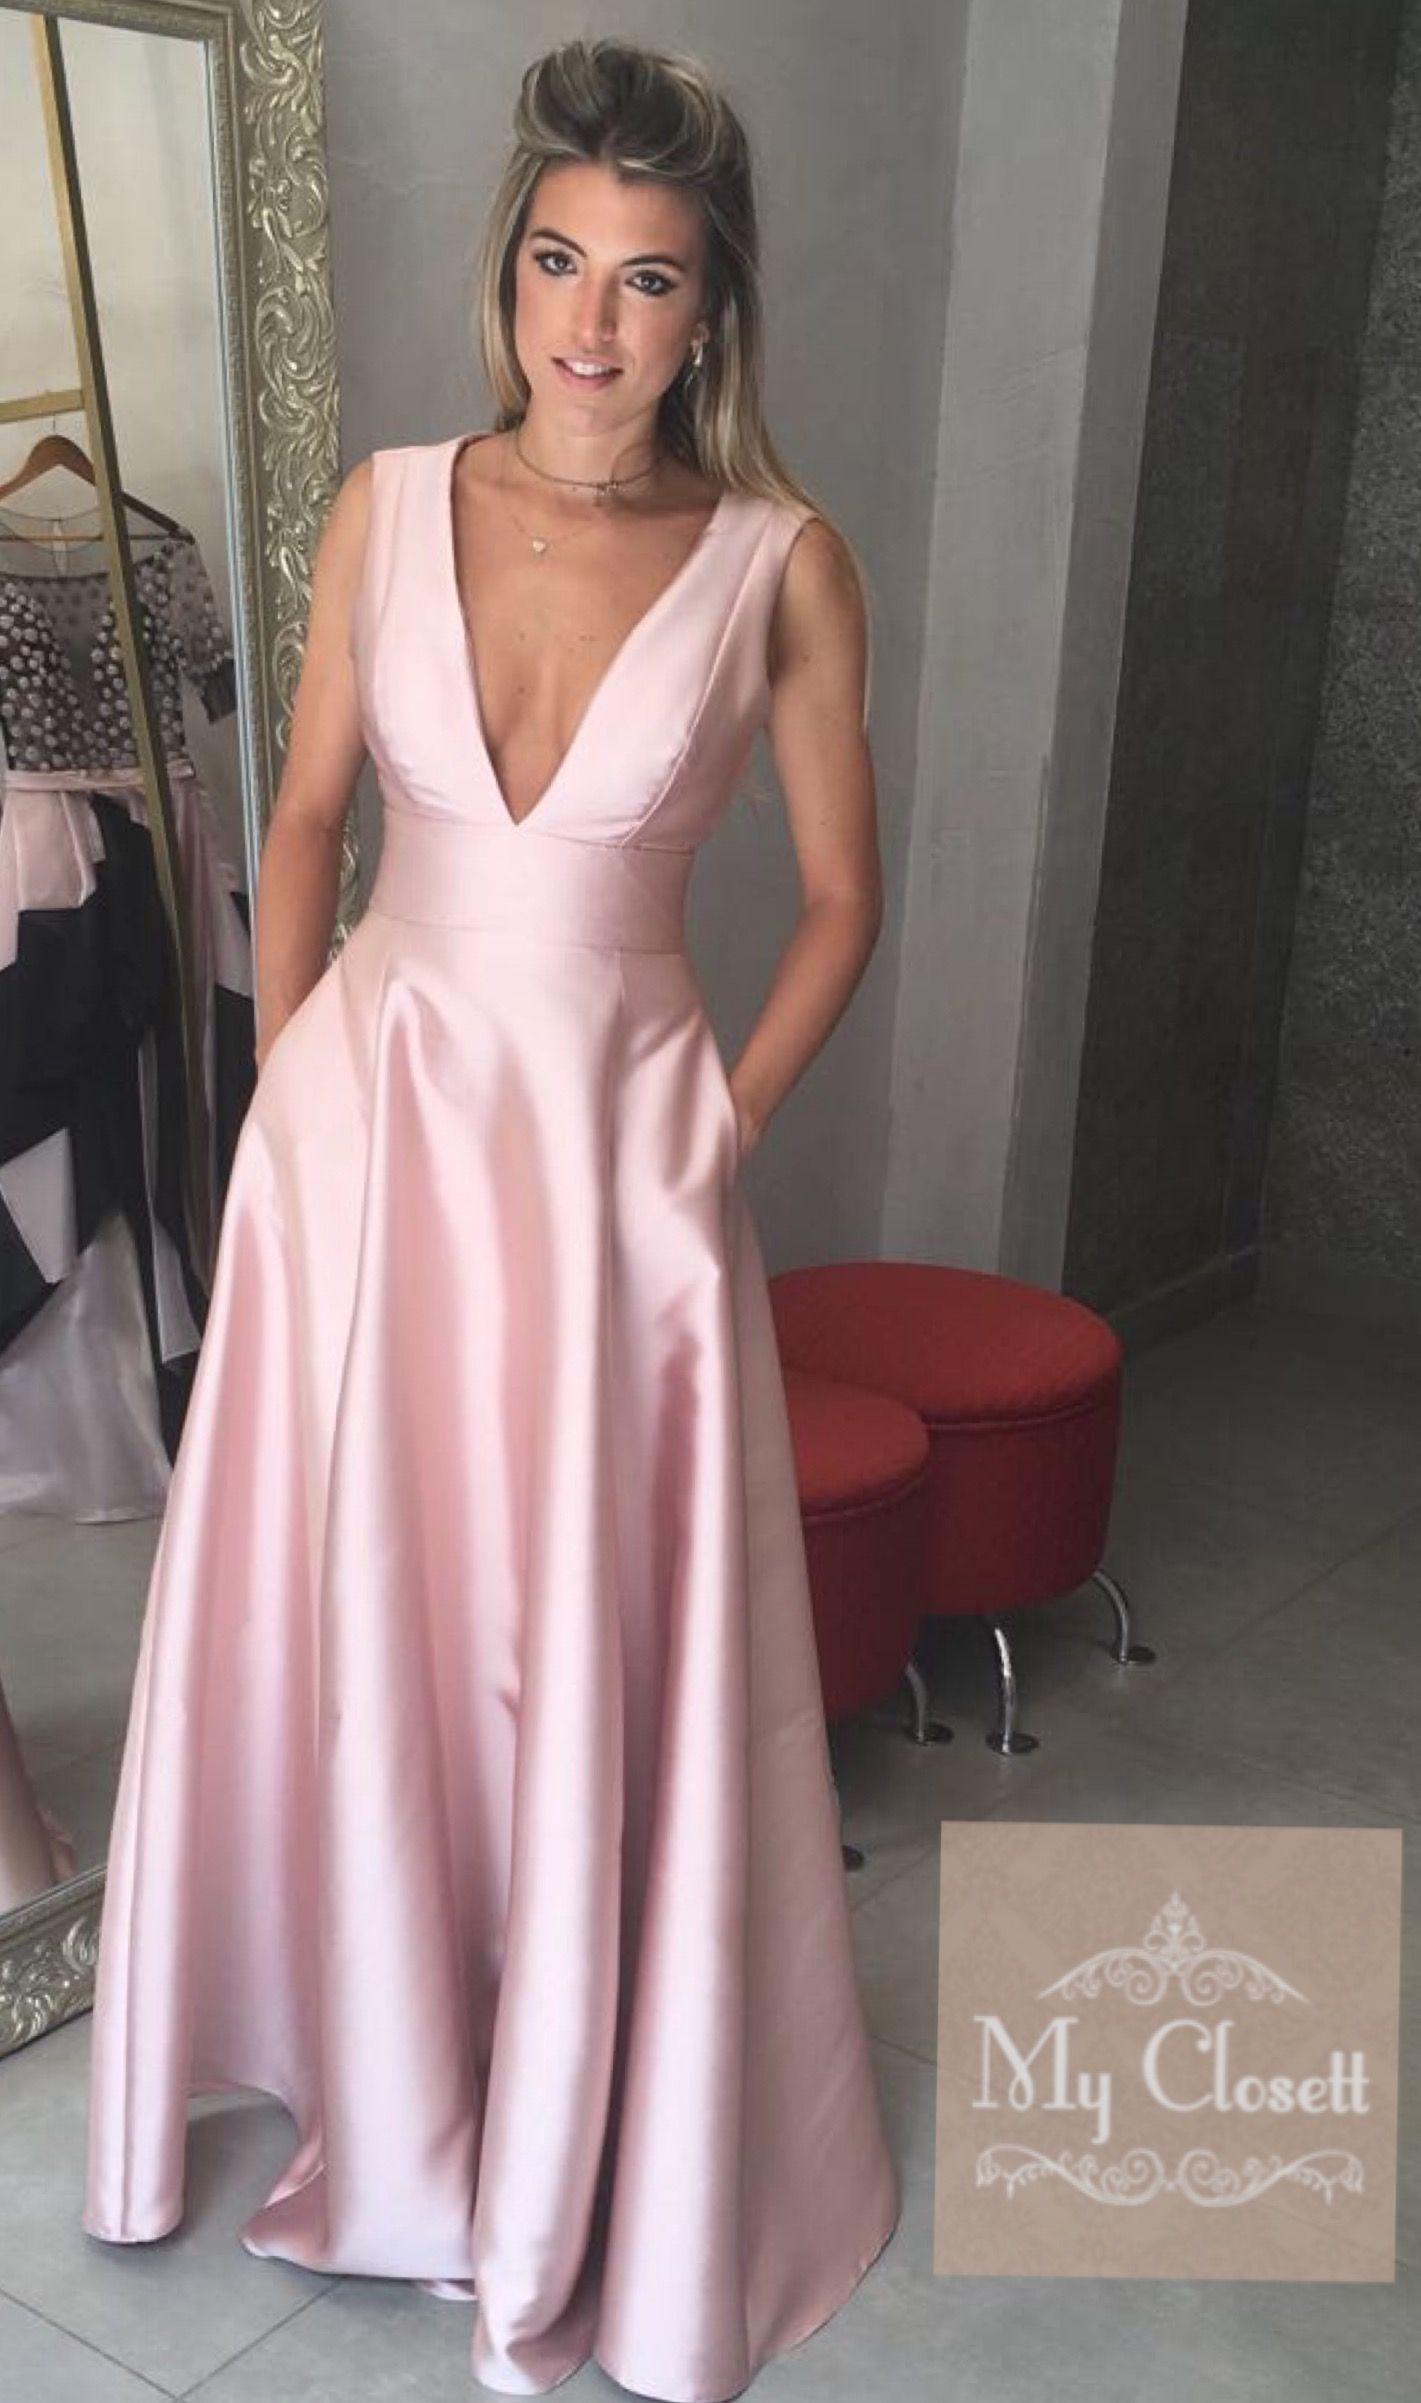 7a73d652c Vestido de festa, vestido madrinha, alfaiataria, vestido rose , vestido  liso, vestido zibeline, evening dress, red carpet dress, aluguel de vestidos,  ...